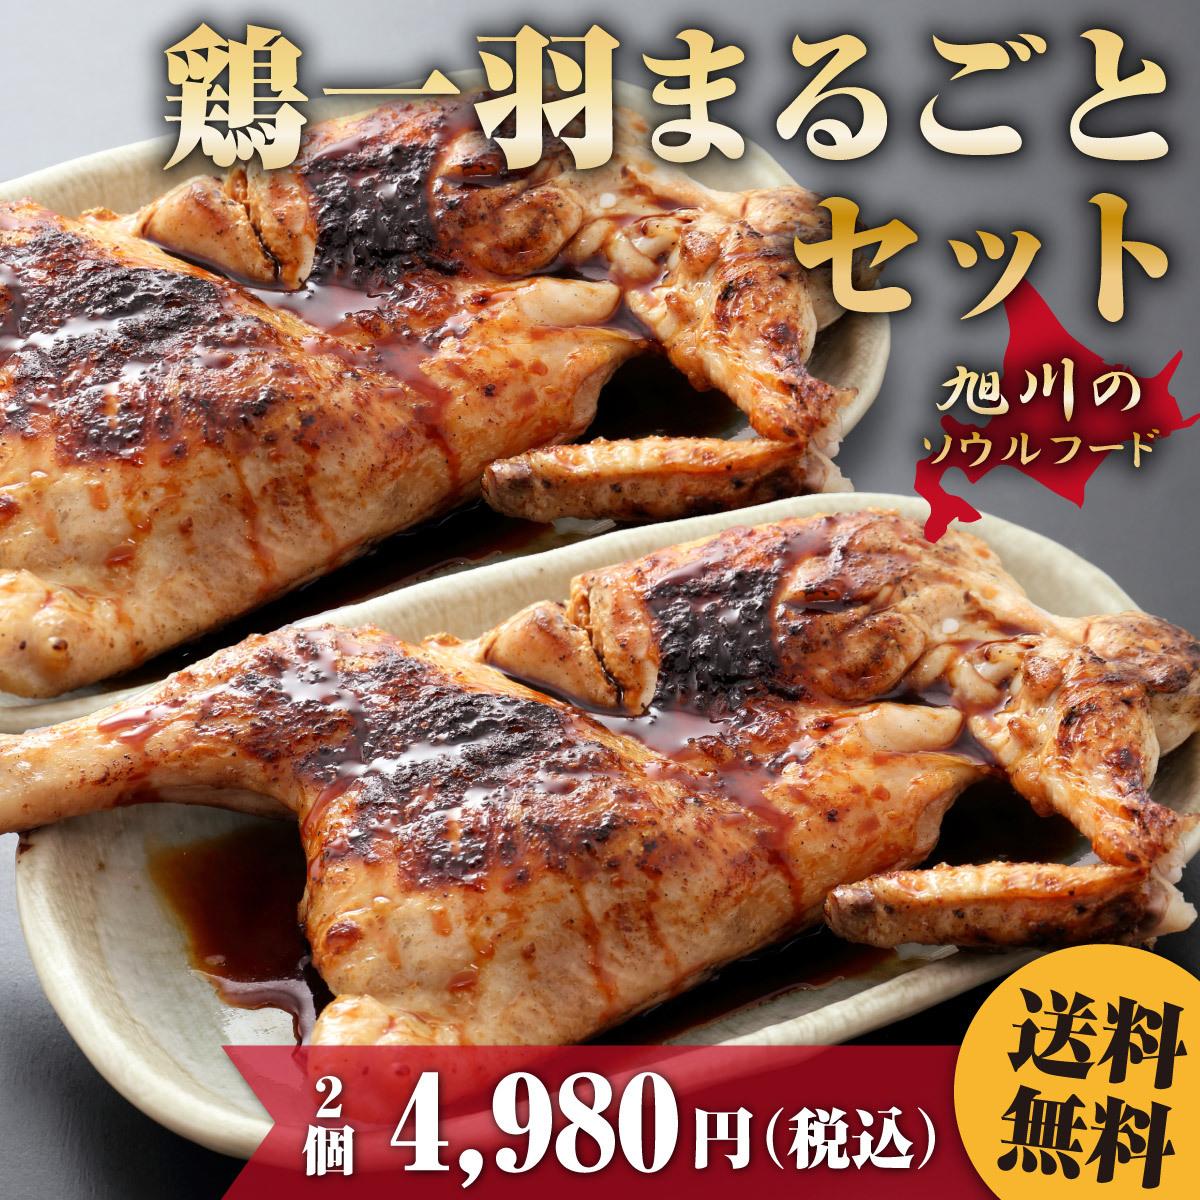 【送料無料】【ご自宅用エコ包装】【新子焼き2個入】鶏一羽まるごとセット